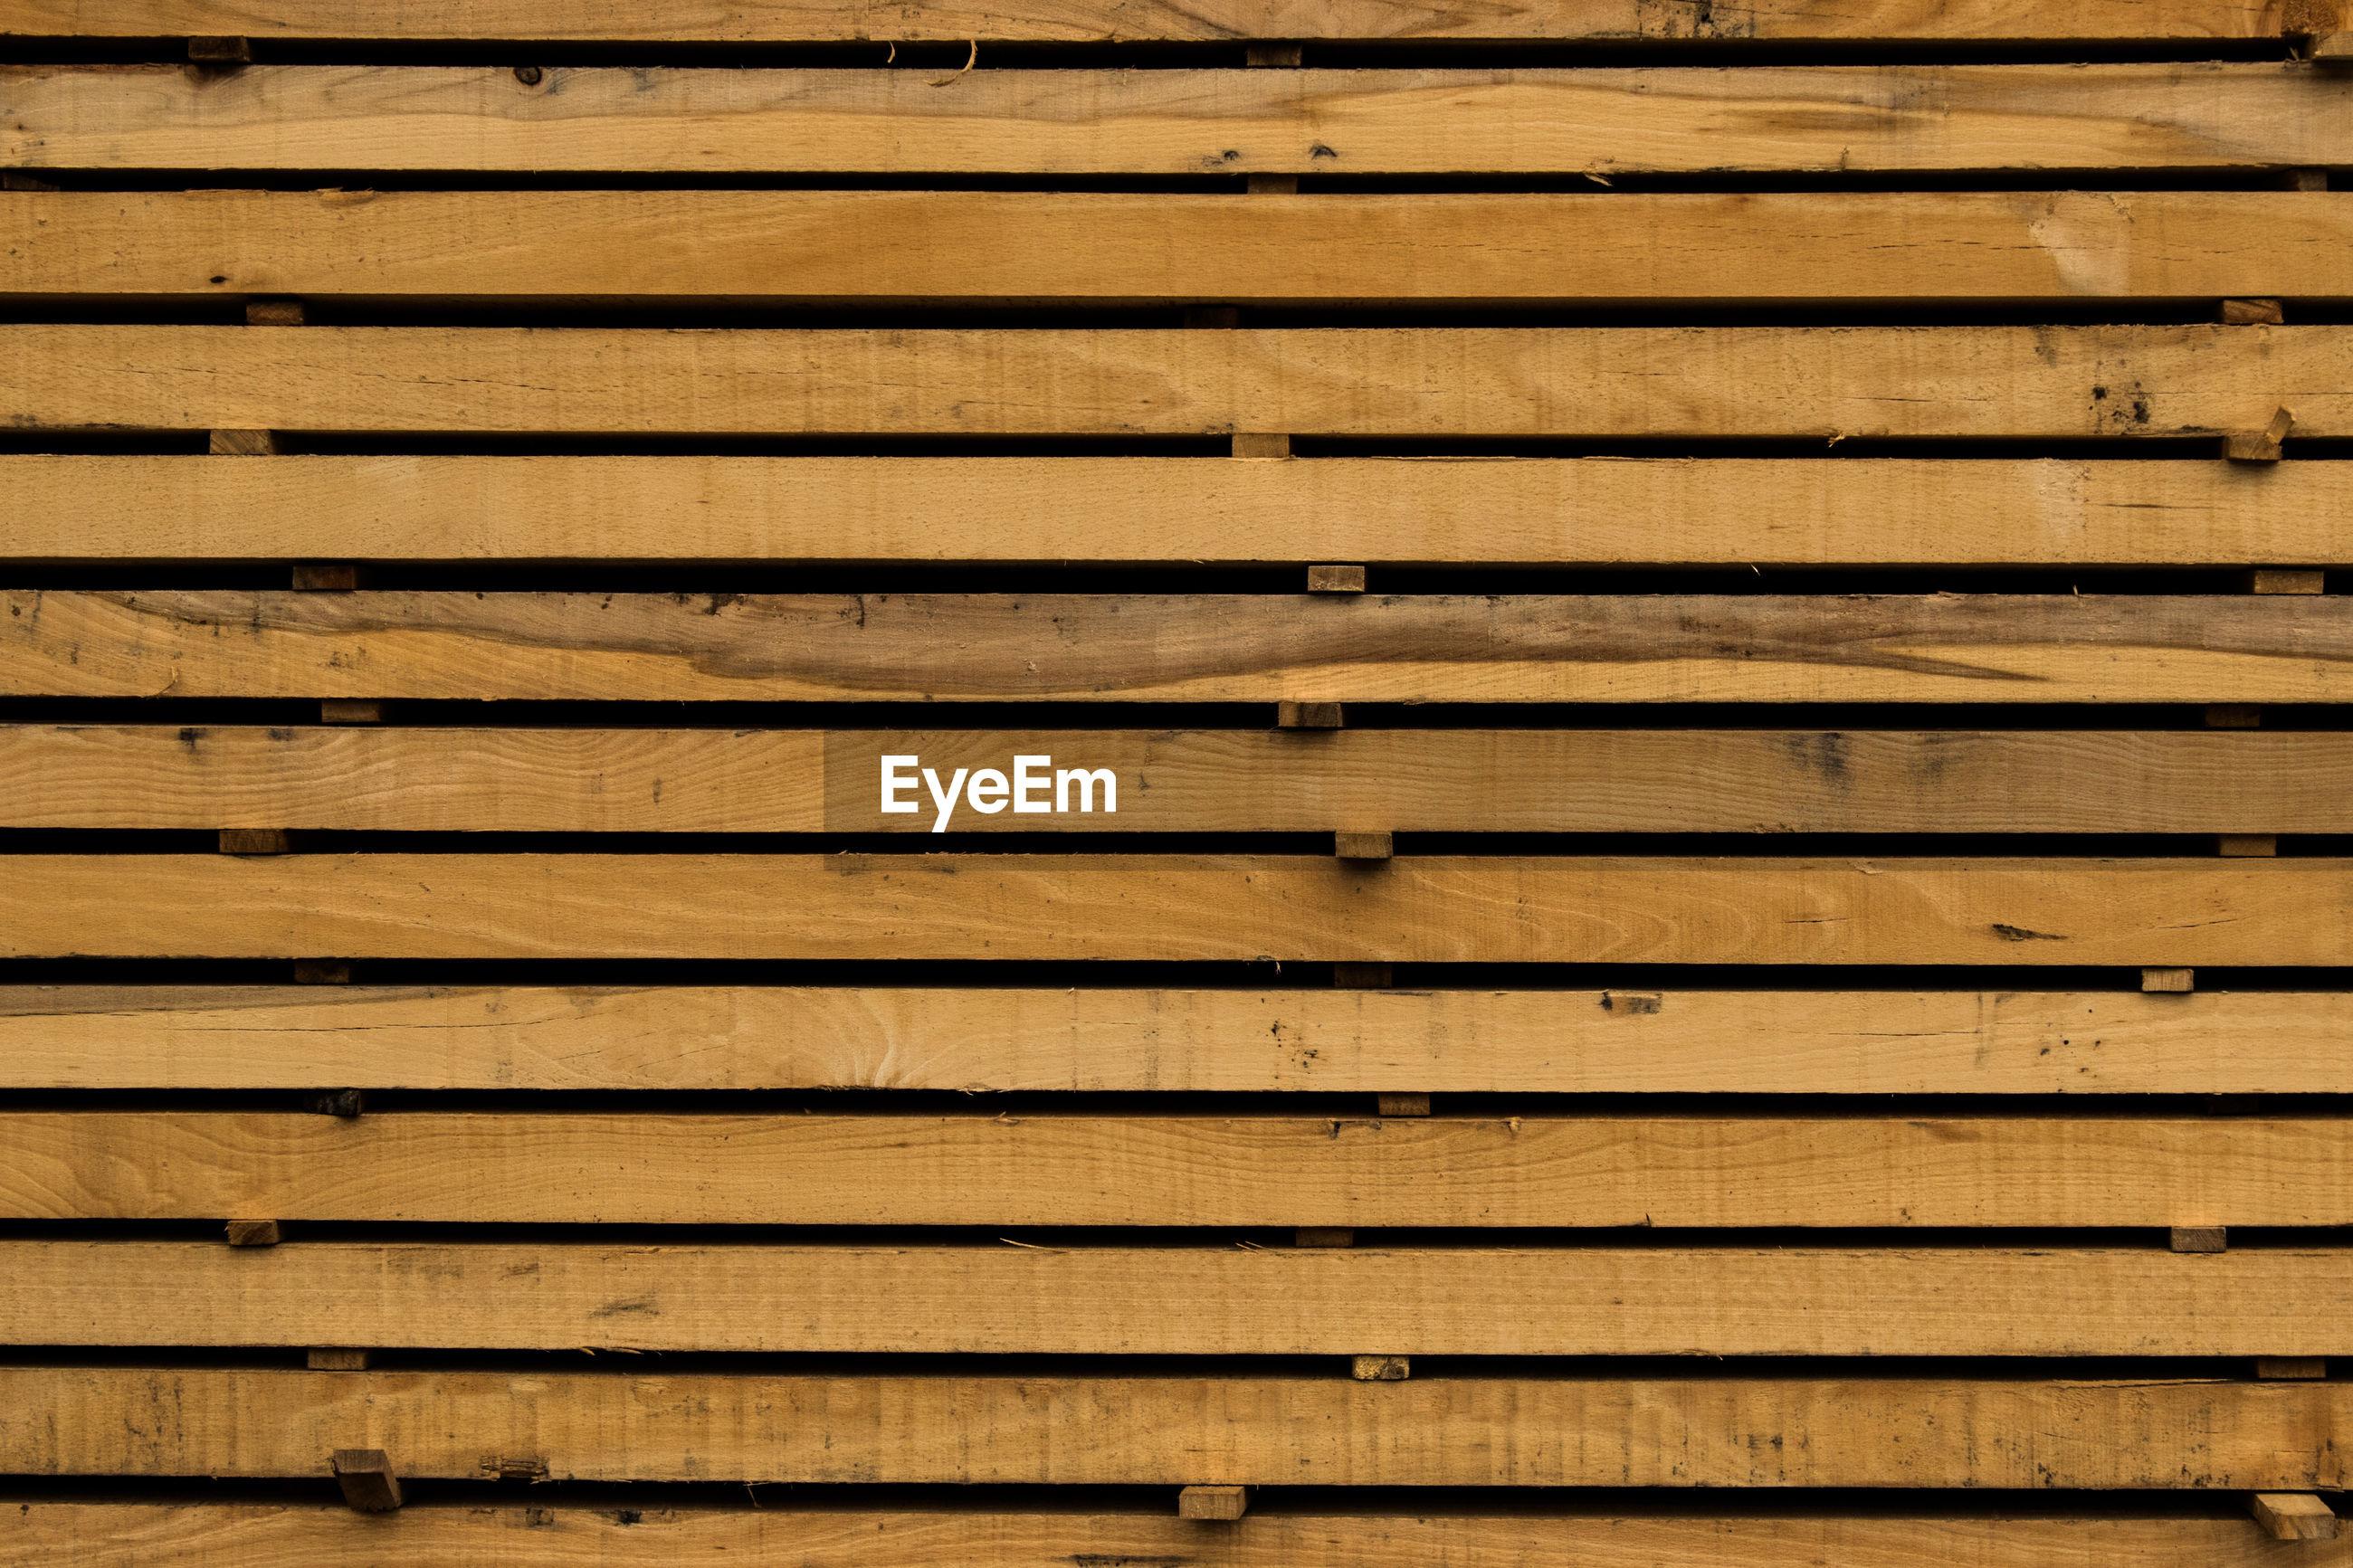 Full frame shot of wooden paneling